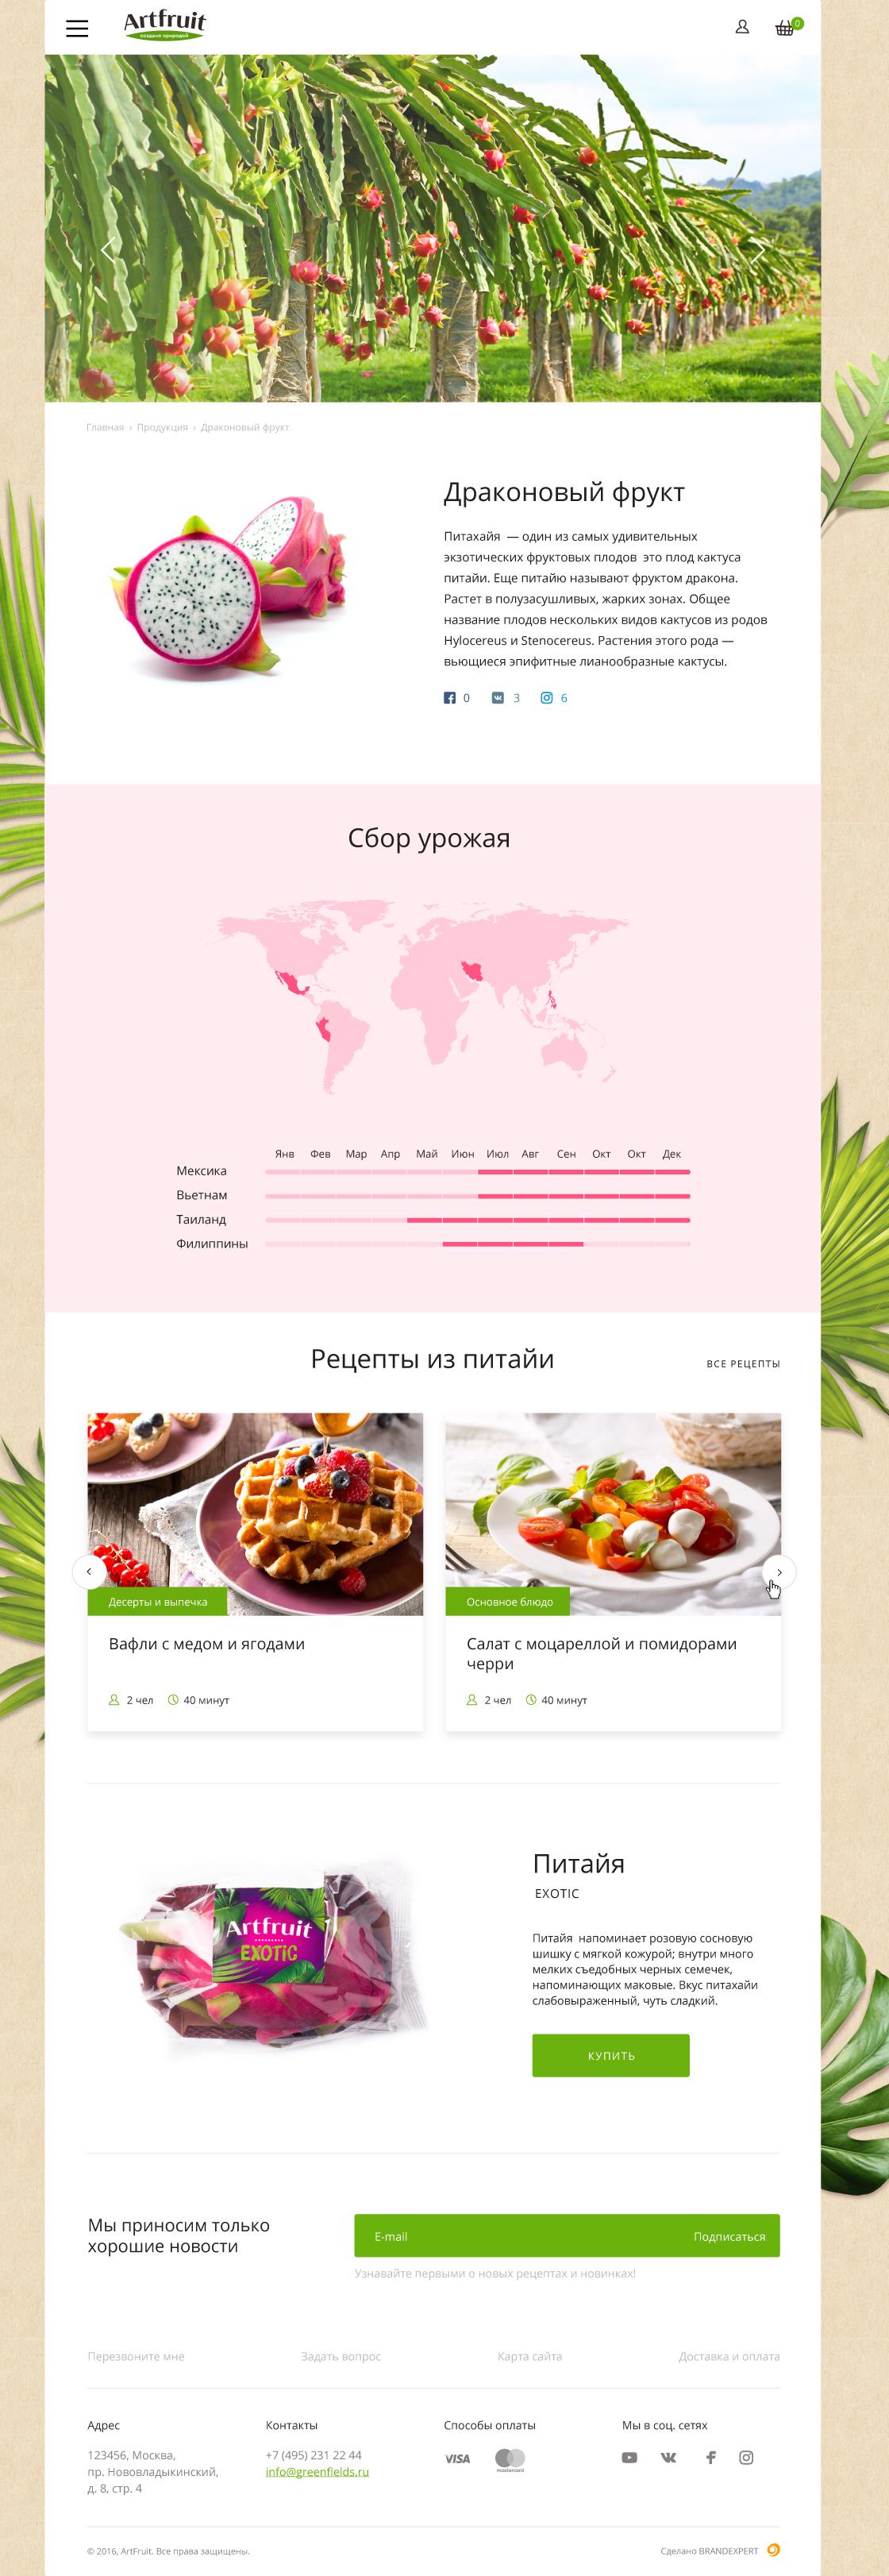 Рецепты и гастрономический фудстайлинг Artfruit